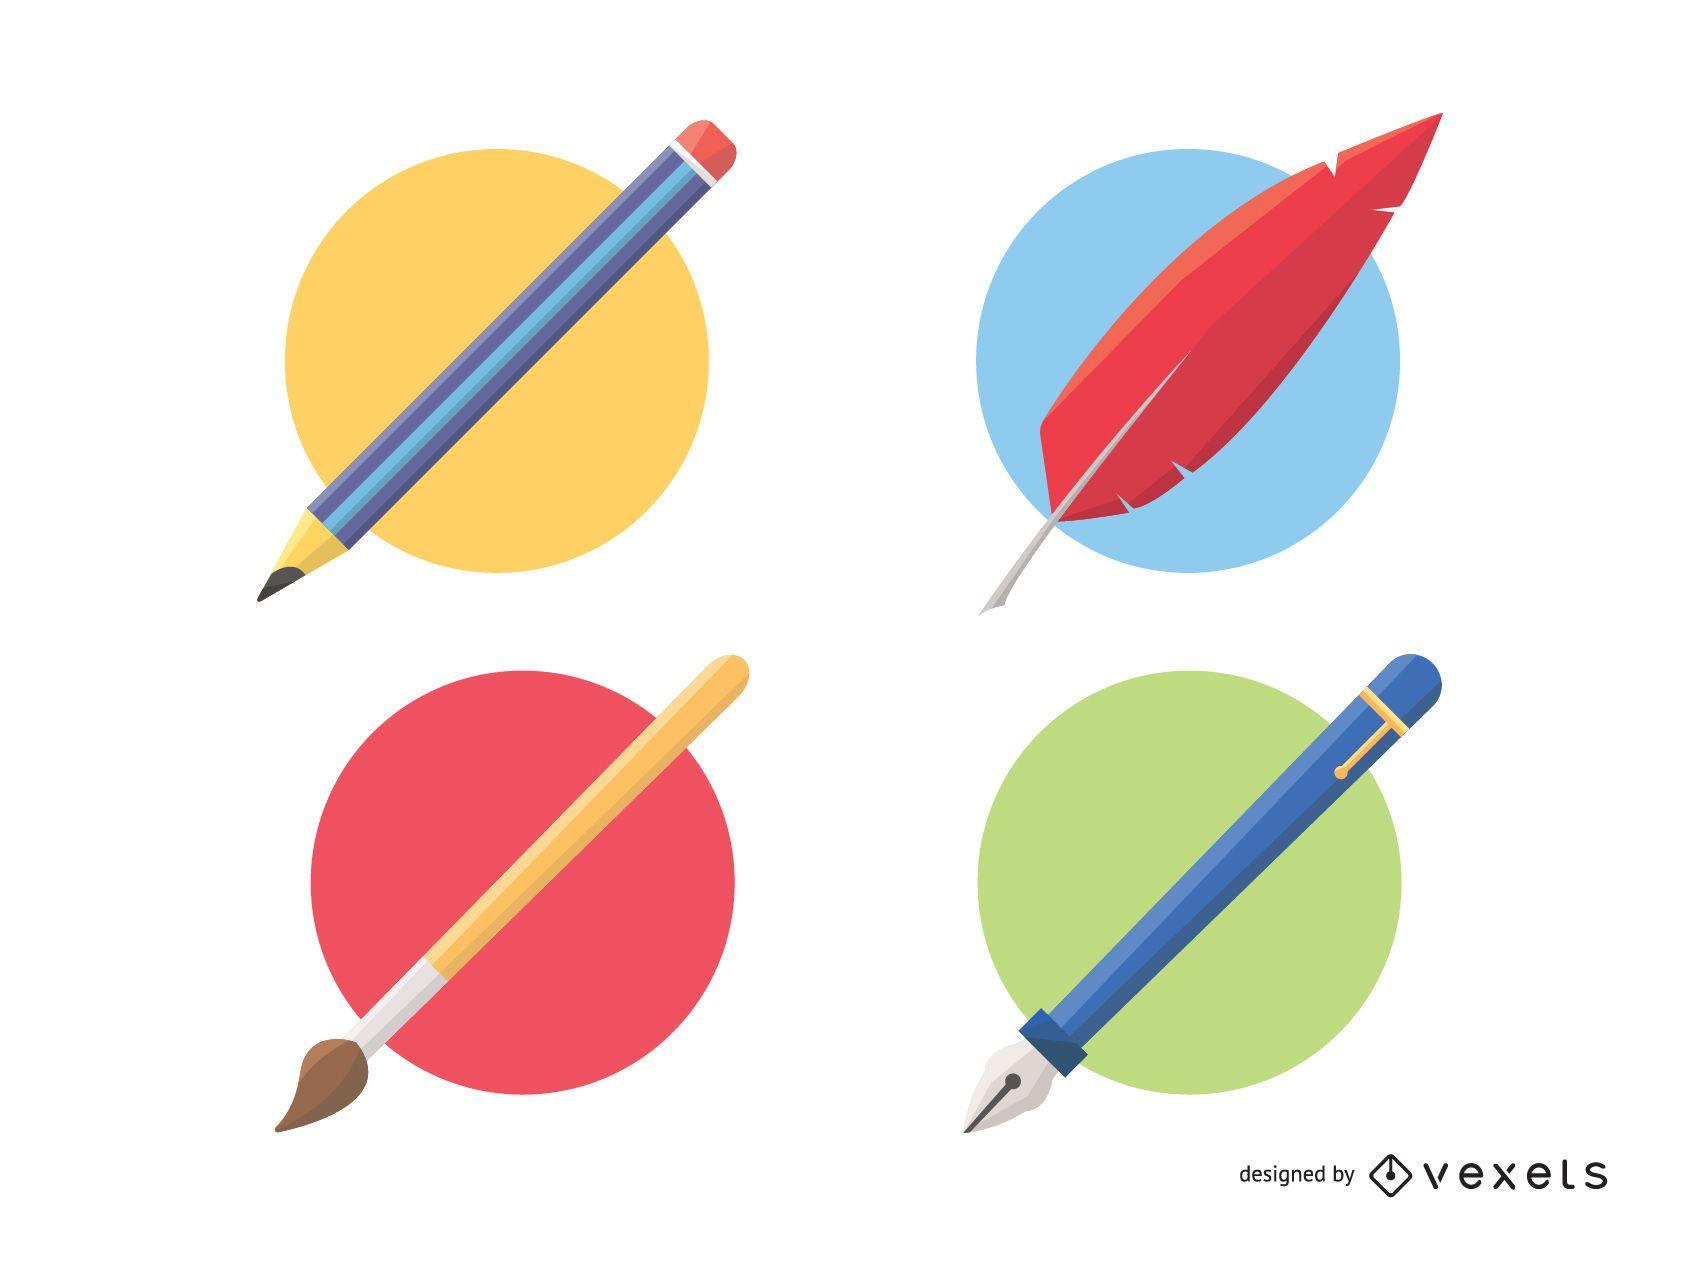 Herramientas de dibujo y pintura